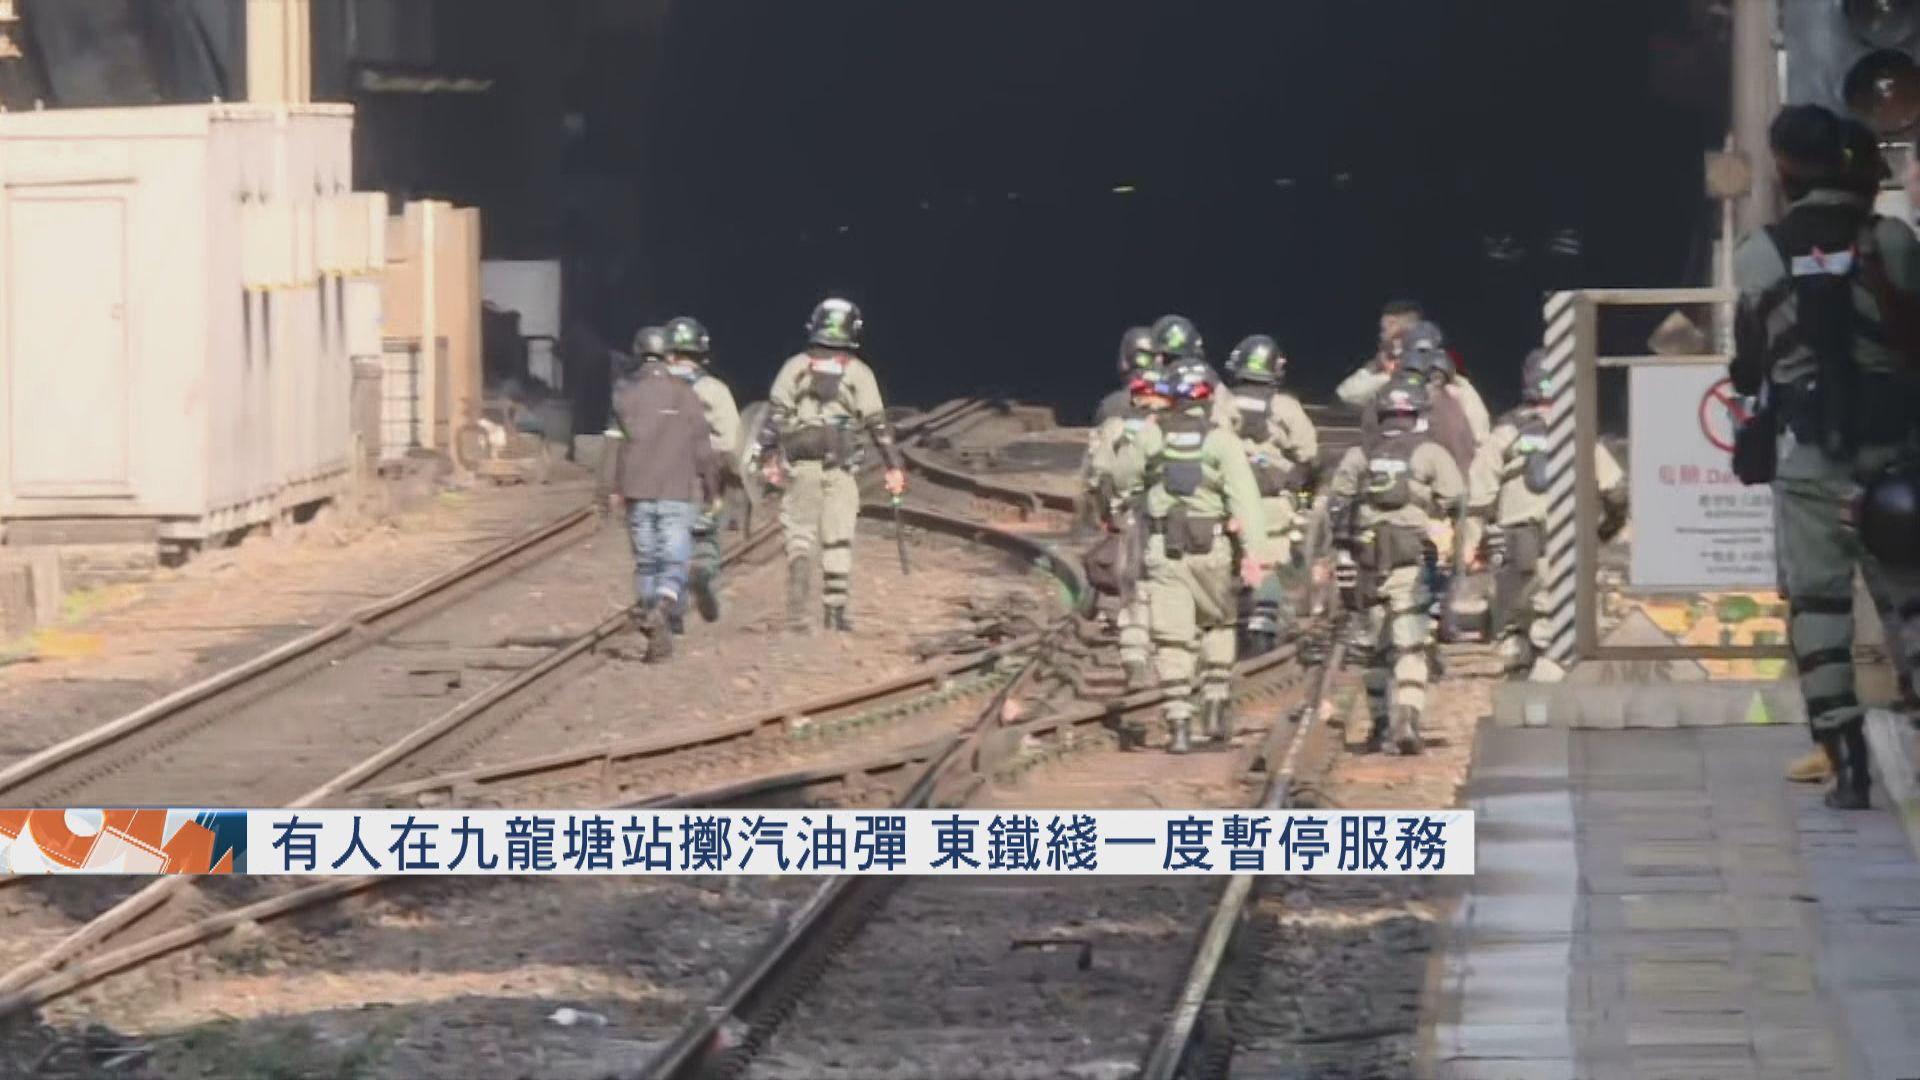 九龍塘站有人擲汽油彈 東鐵綫一度全線停駛